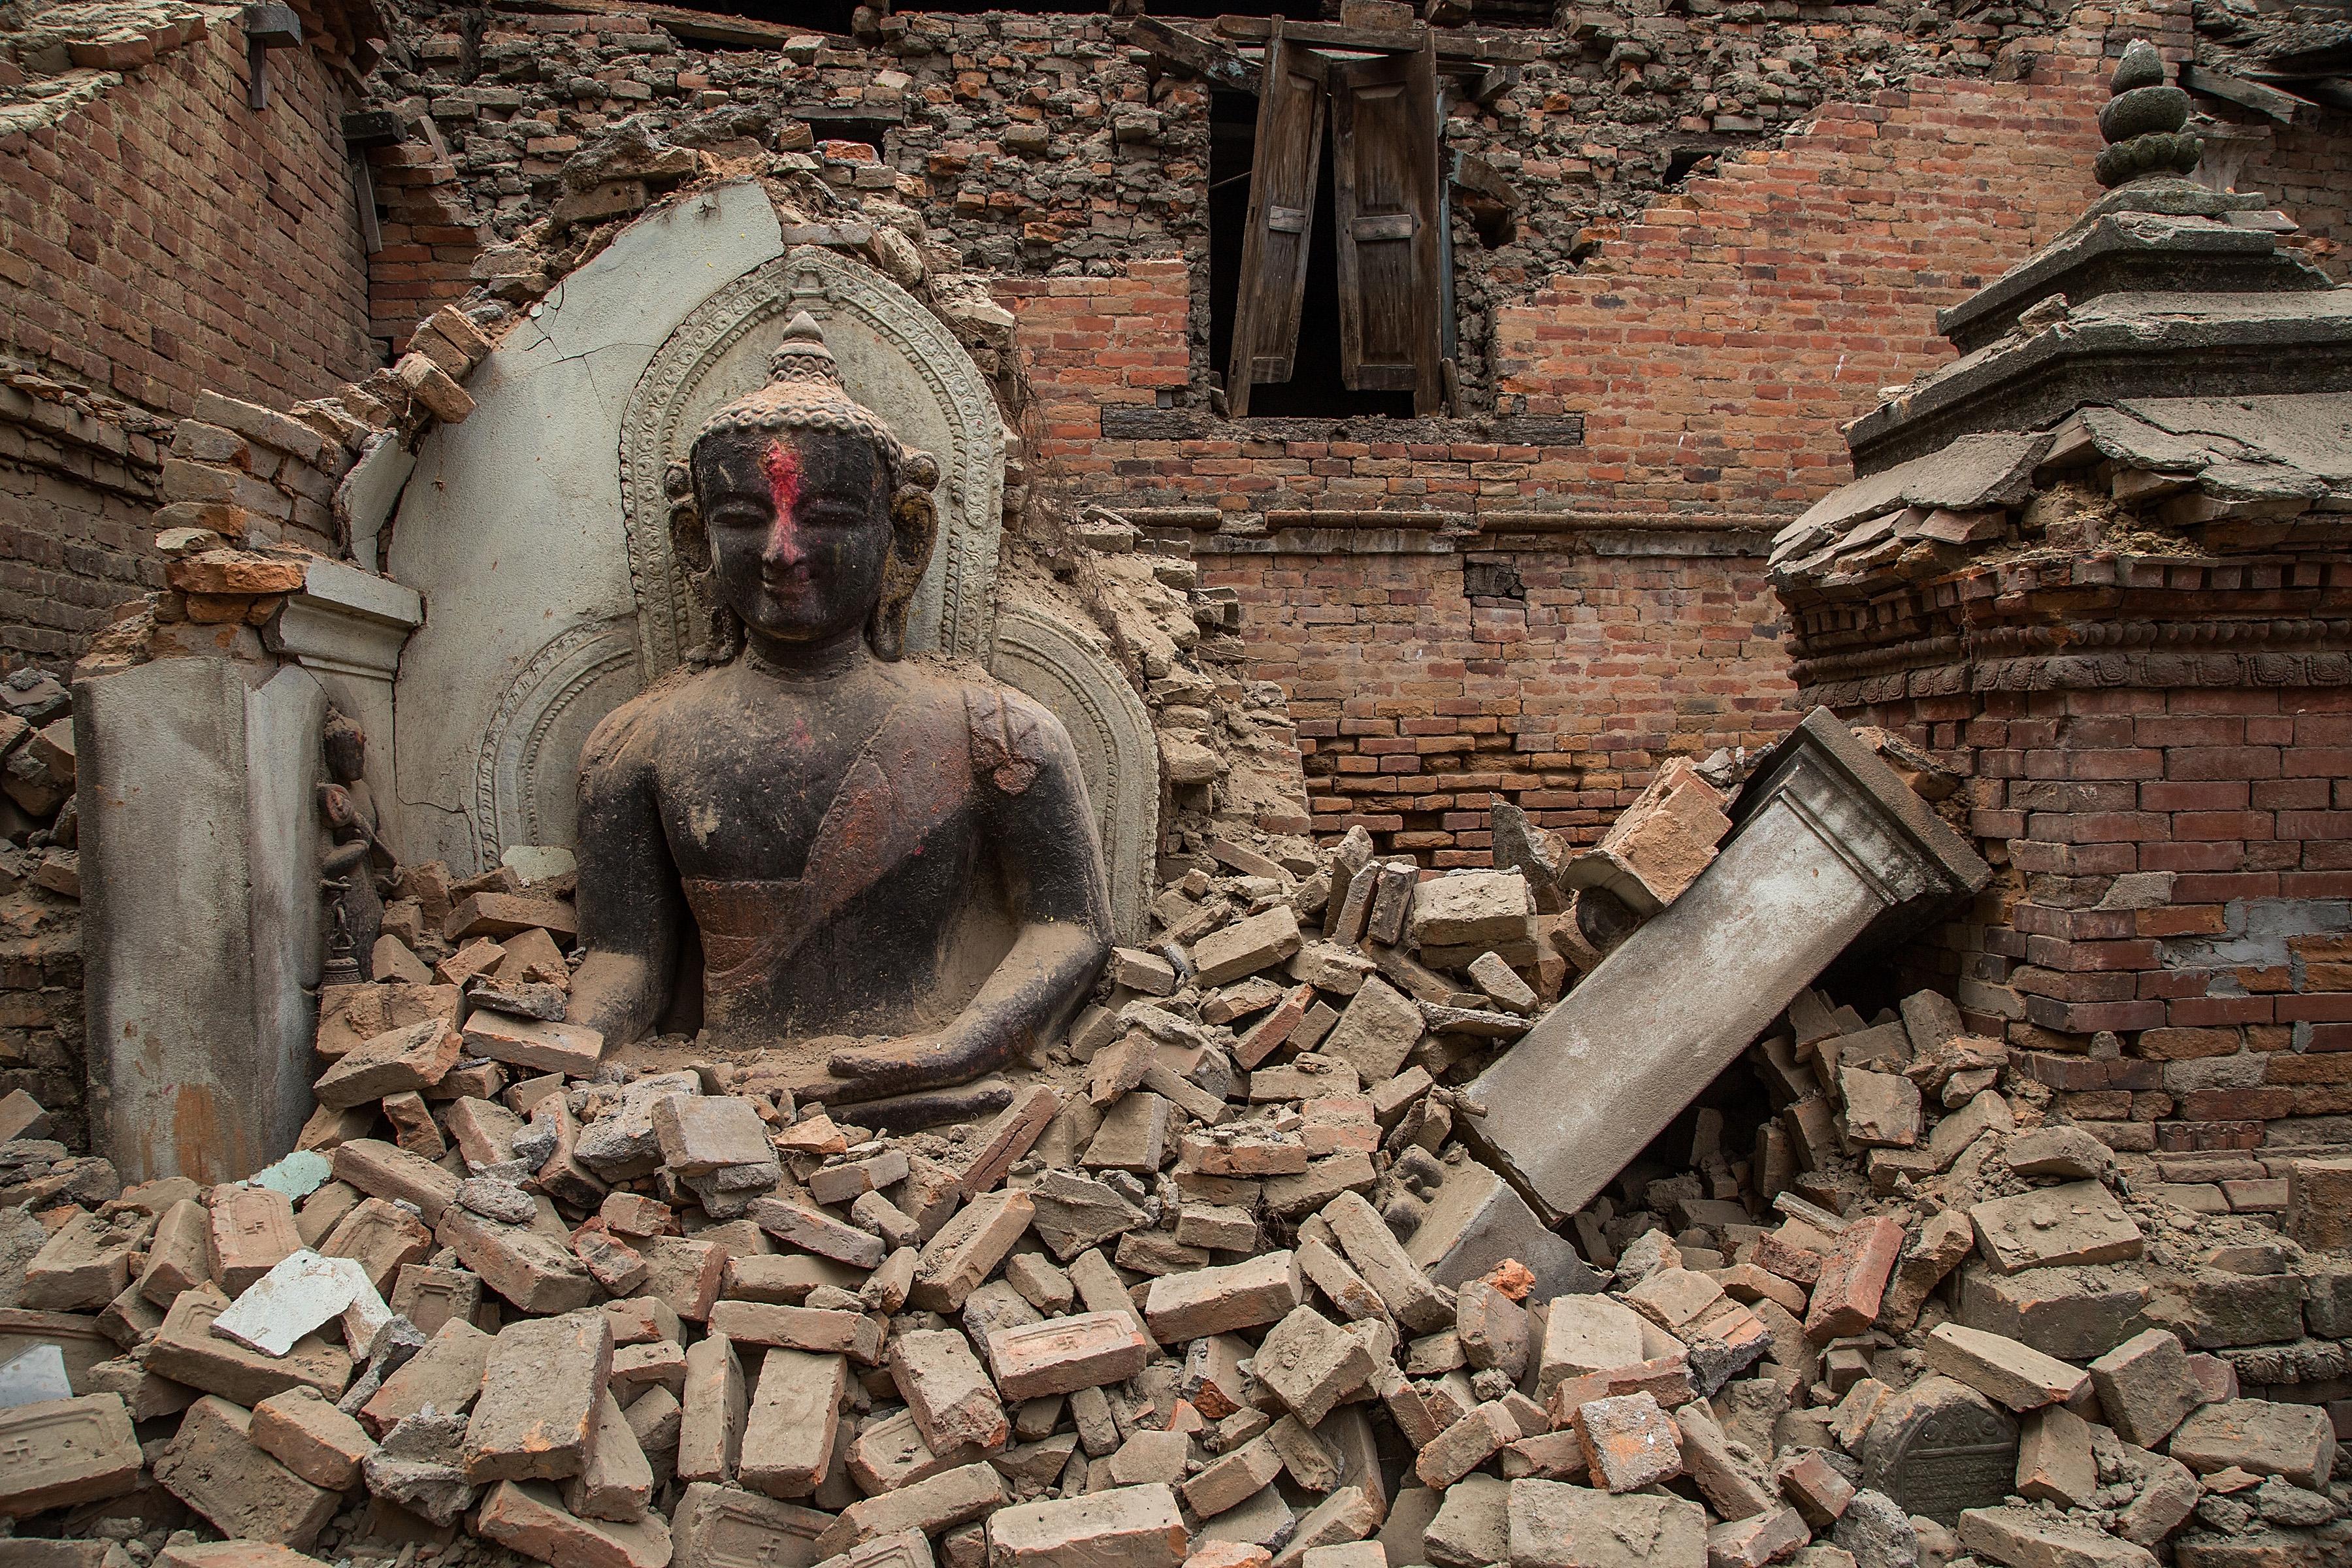 nepál-fr-2 (nepál, földrengés, nepáli földrengés, természeti katasztrófa, tragédia, tudomány)